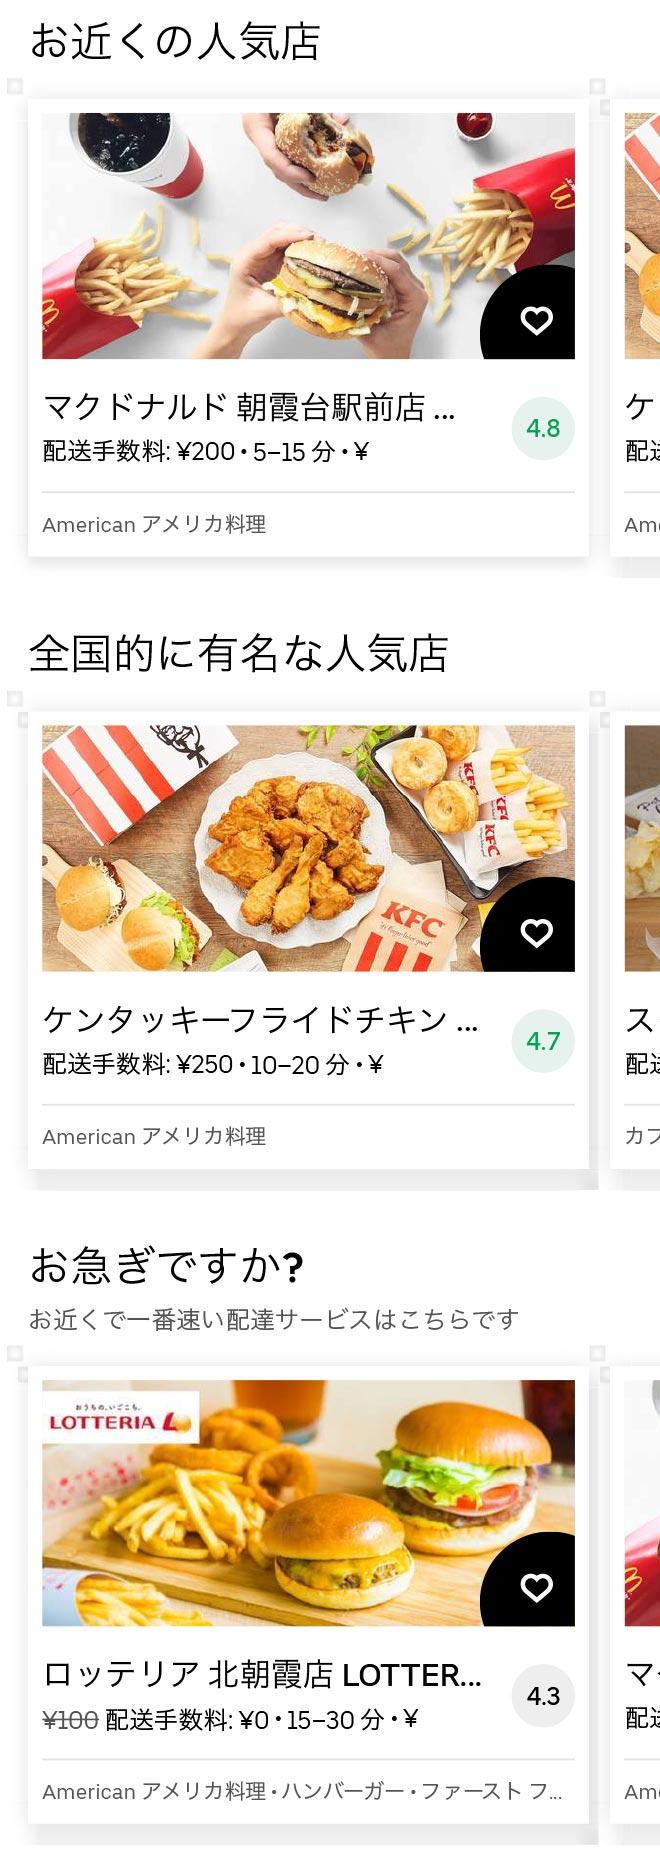 Asakadai menu 2011 01